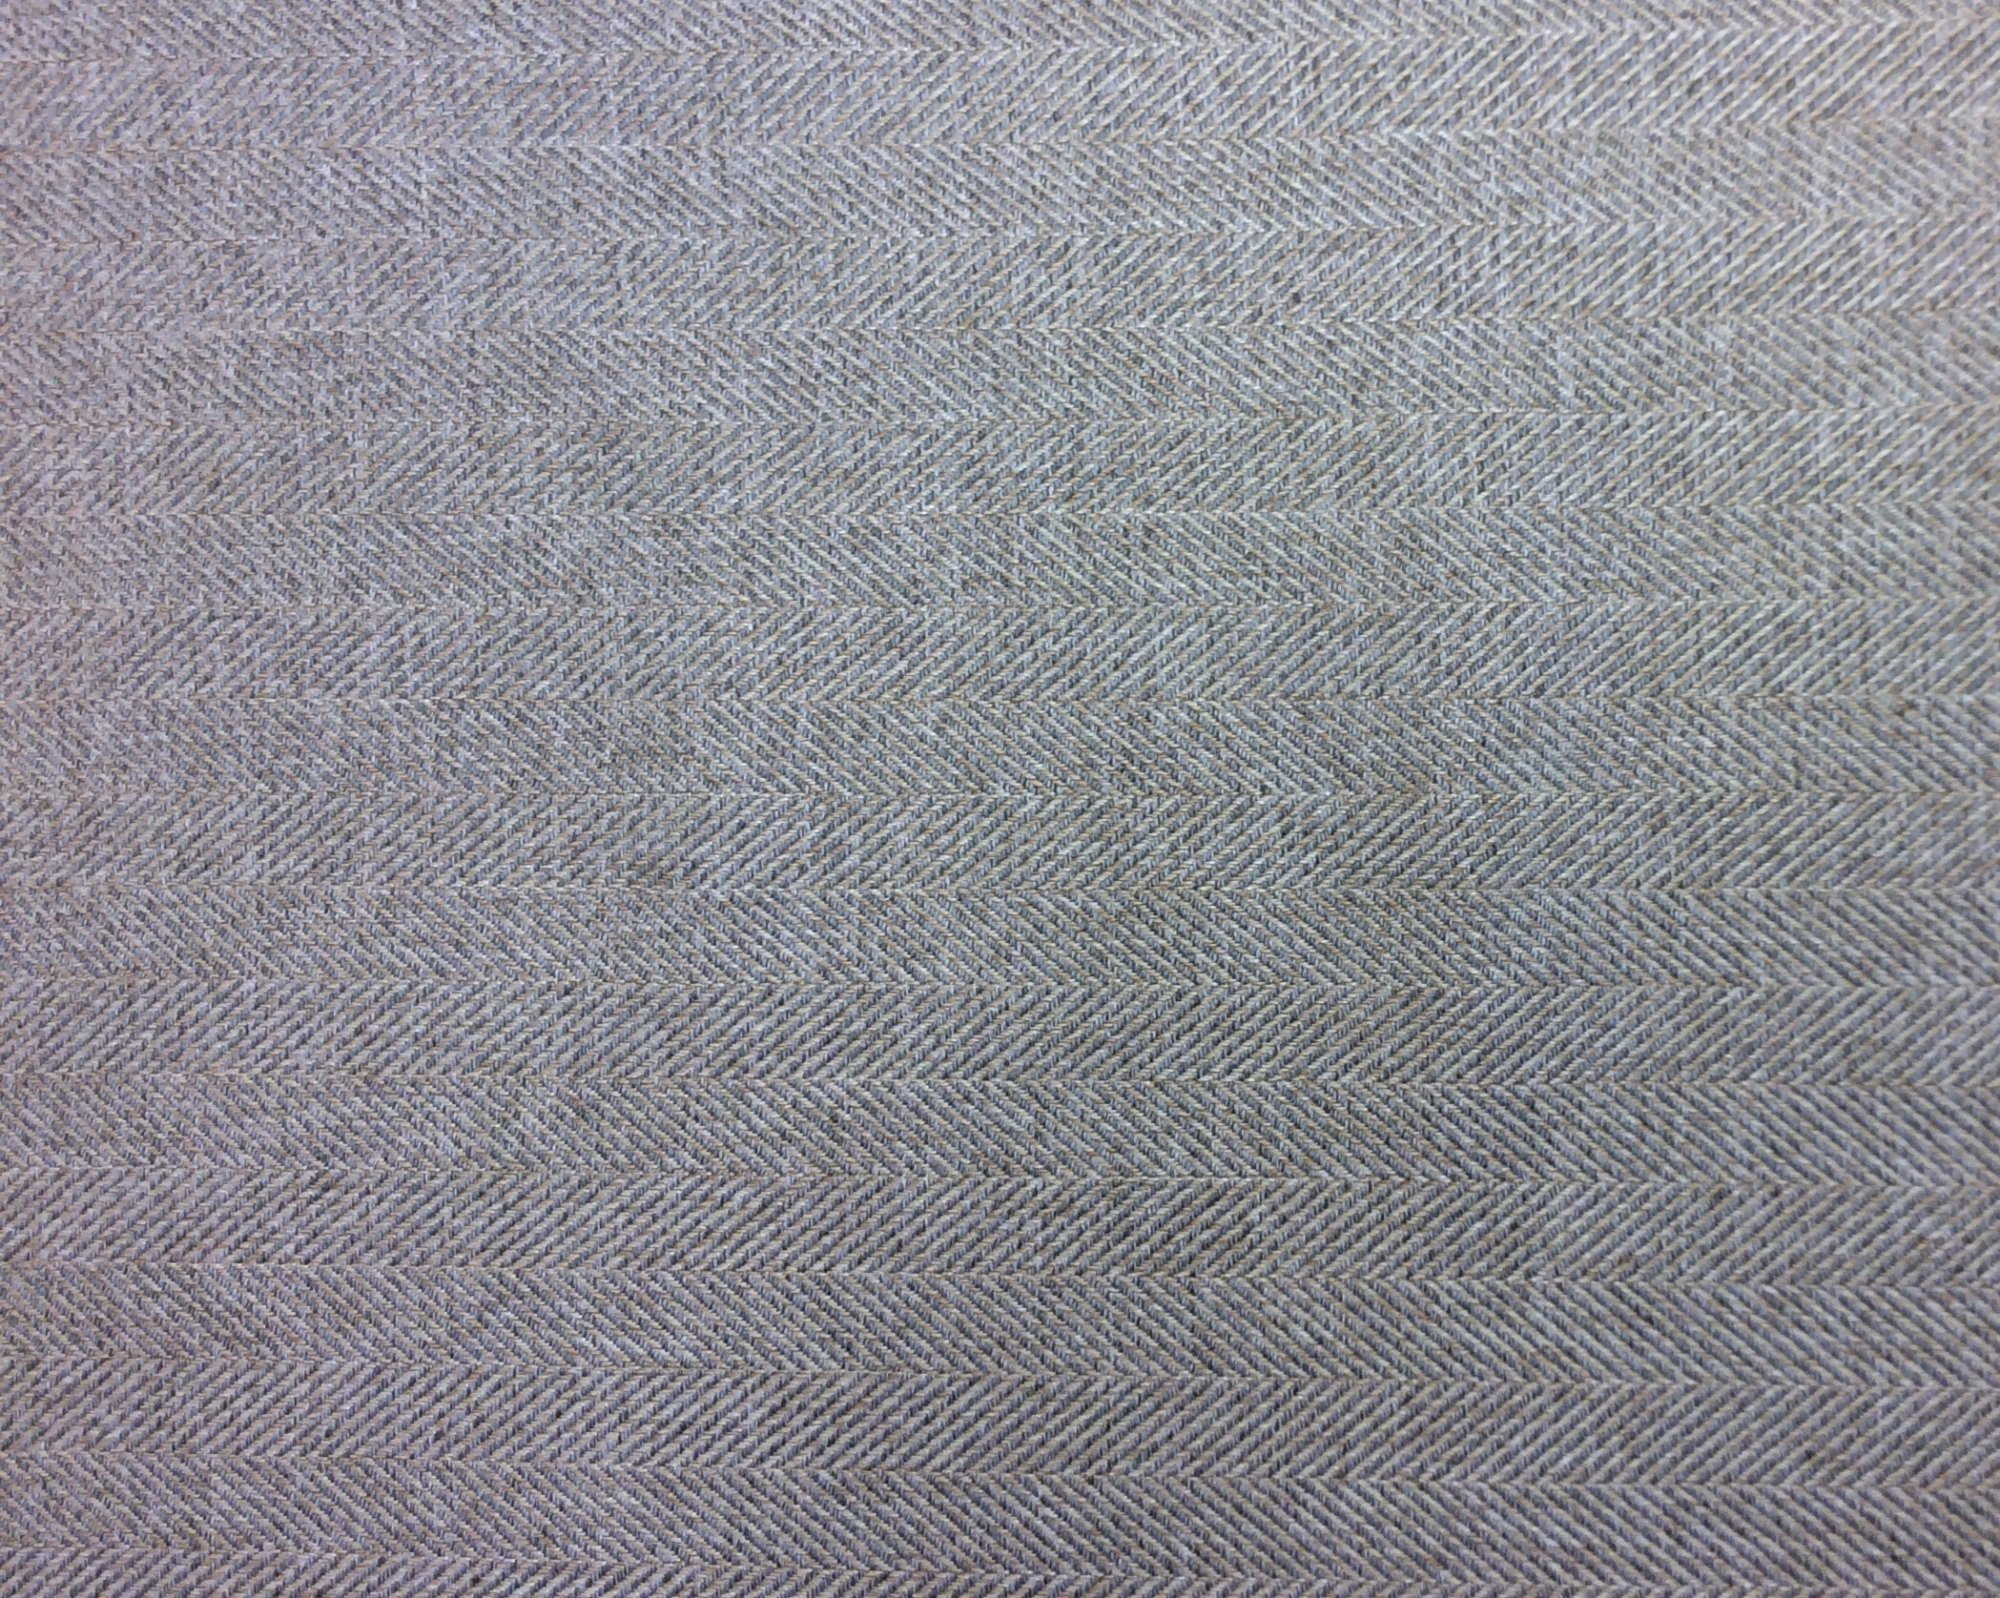 Heavy Weight Herringbone Upholstery Home Dec Fabric REG001